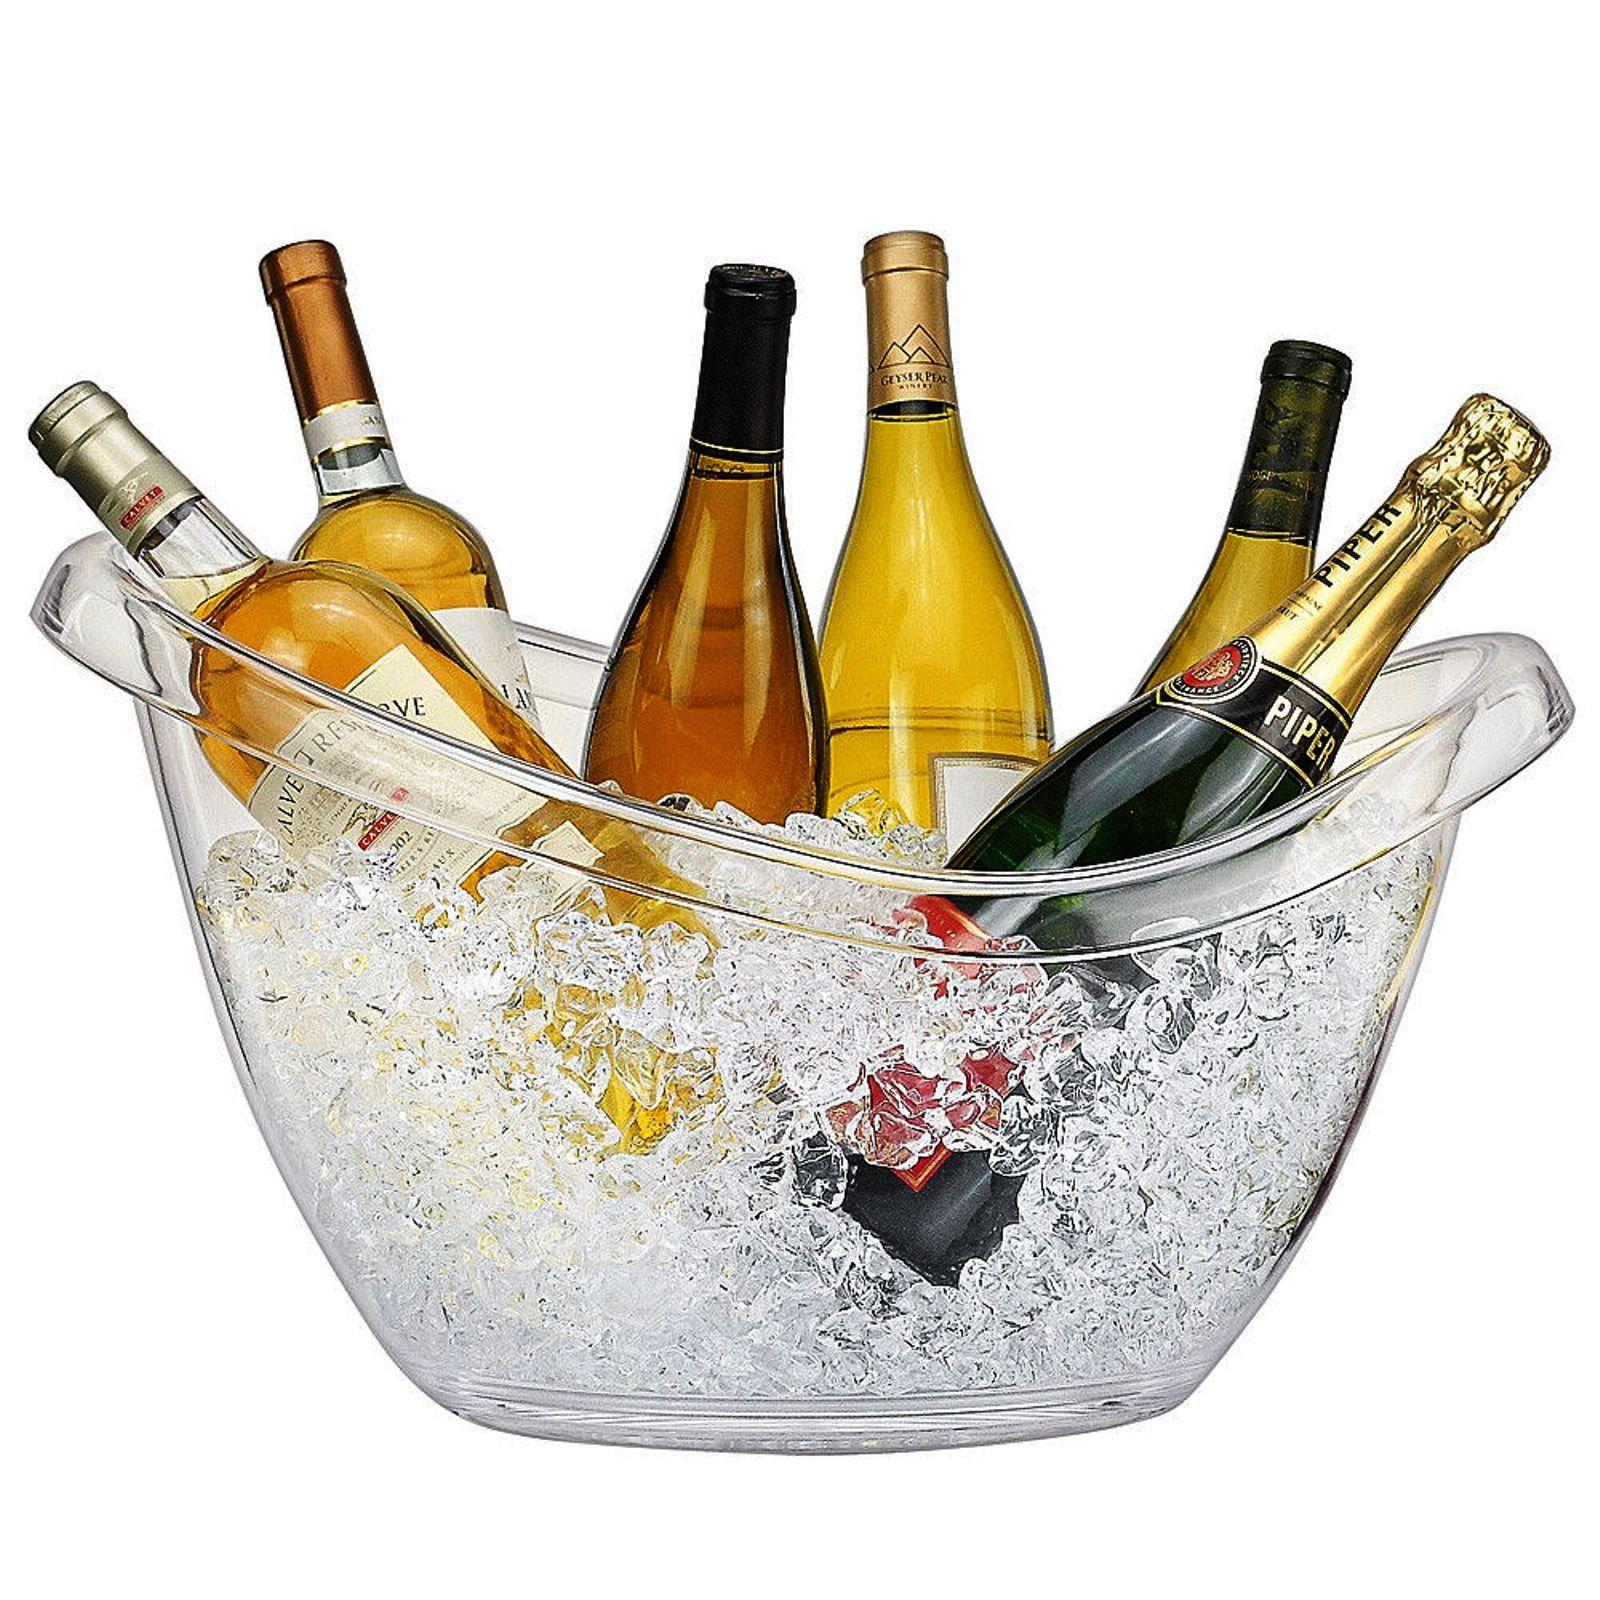 SERRONI FRESCO JUMBO PARTY DRINKS TUB 10L